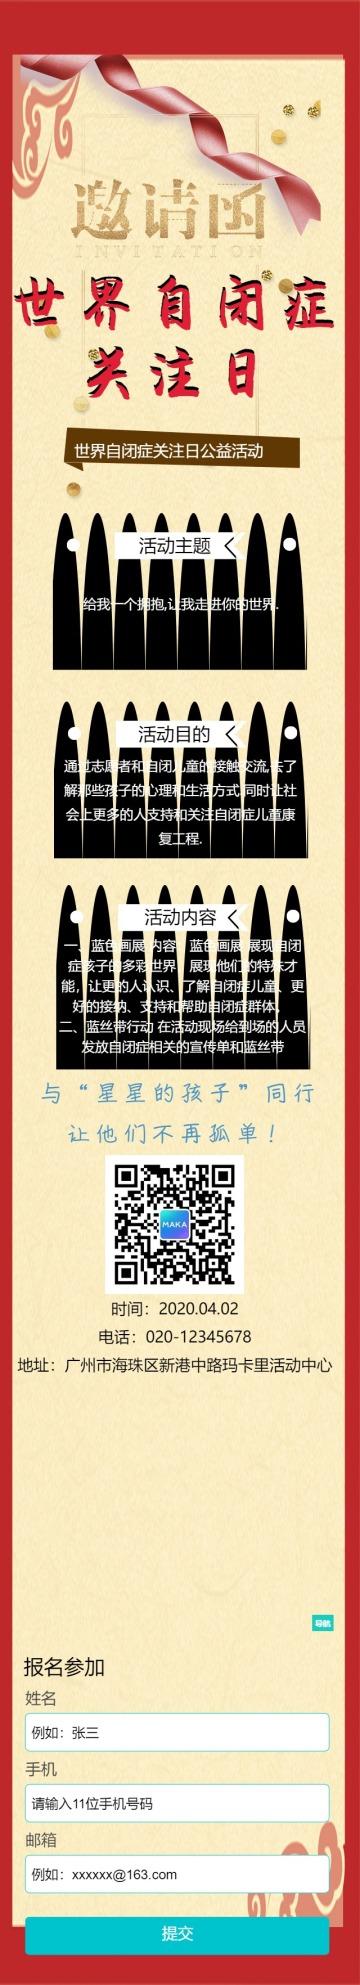 简约扁平4月2日世界自闭症邀请函单页宣传活动推广